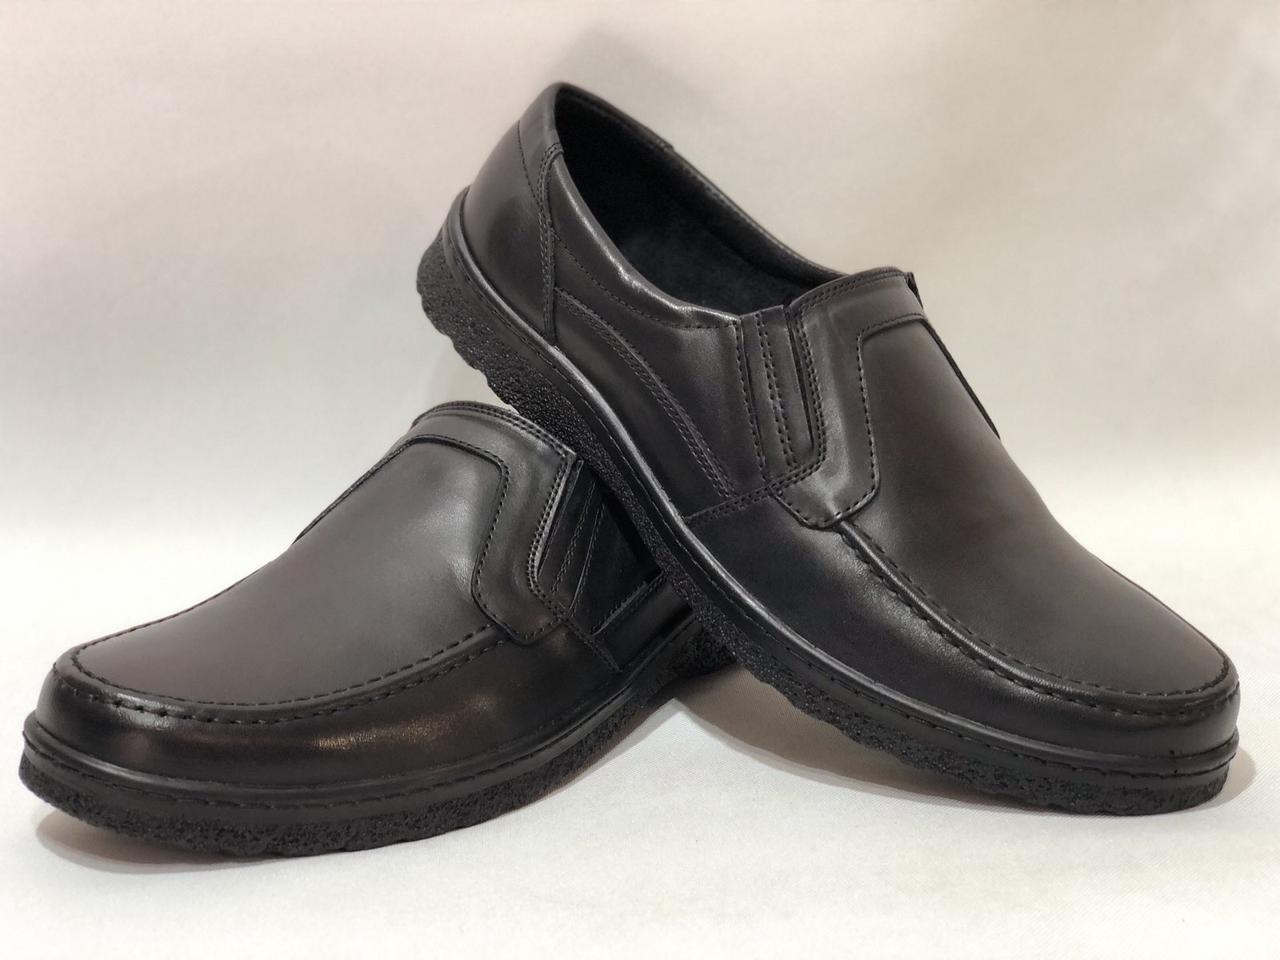 Мужские кожаные туфли р. 46,47,48 BASTION (Большие размеры) Черные